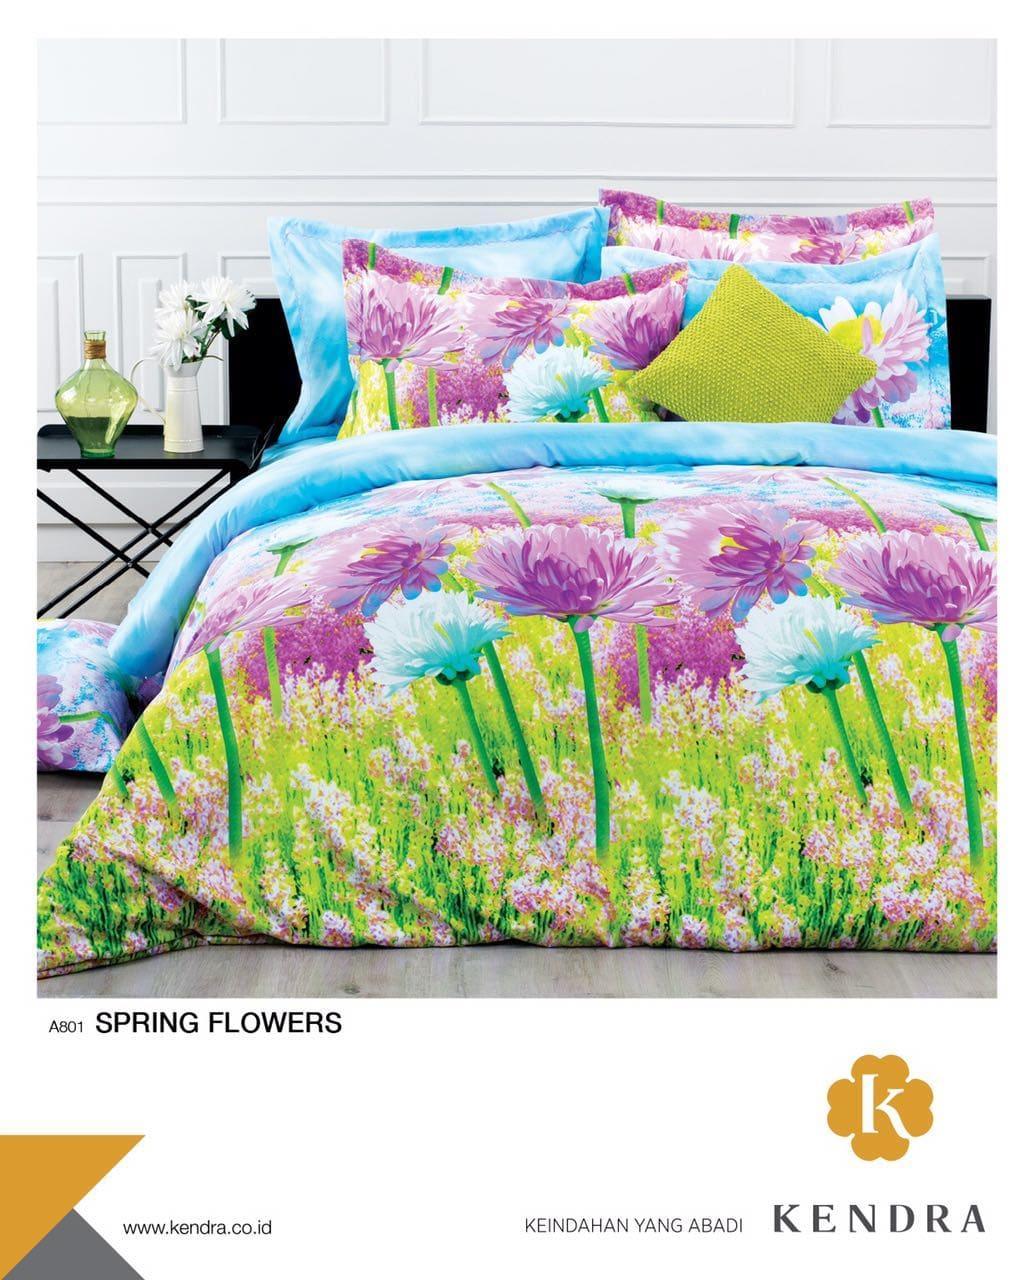 Jual Selimut Sutra Halus Jumbo 220x200 Terlaris Motif Dewasa Brown Bedcover Kendra Modern 120 Spring Flowers